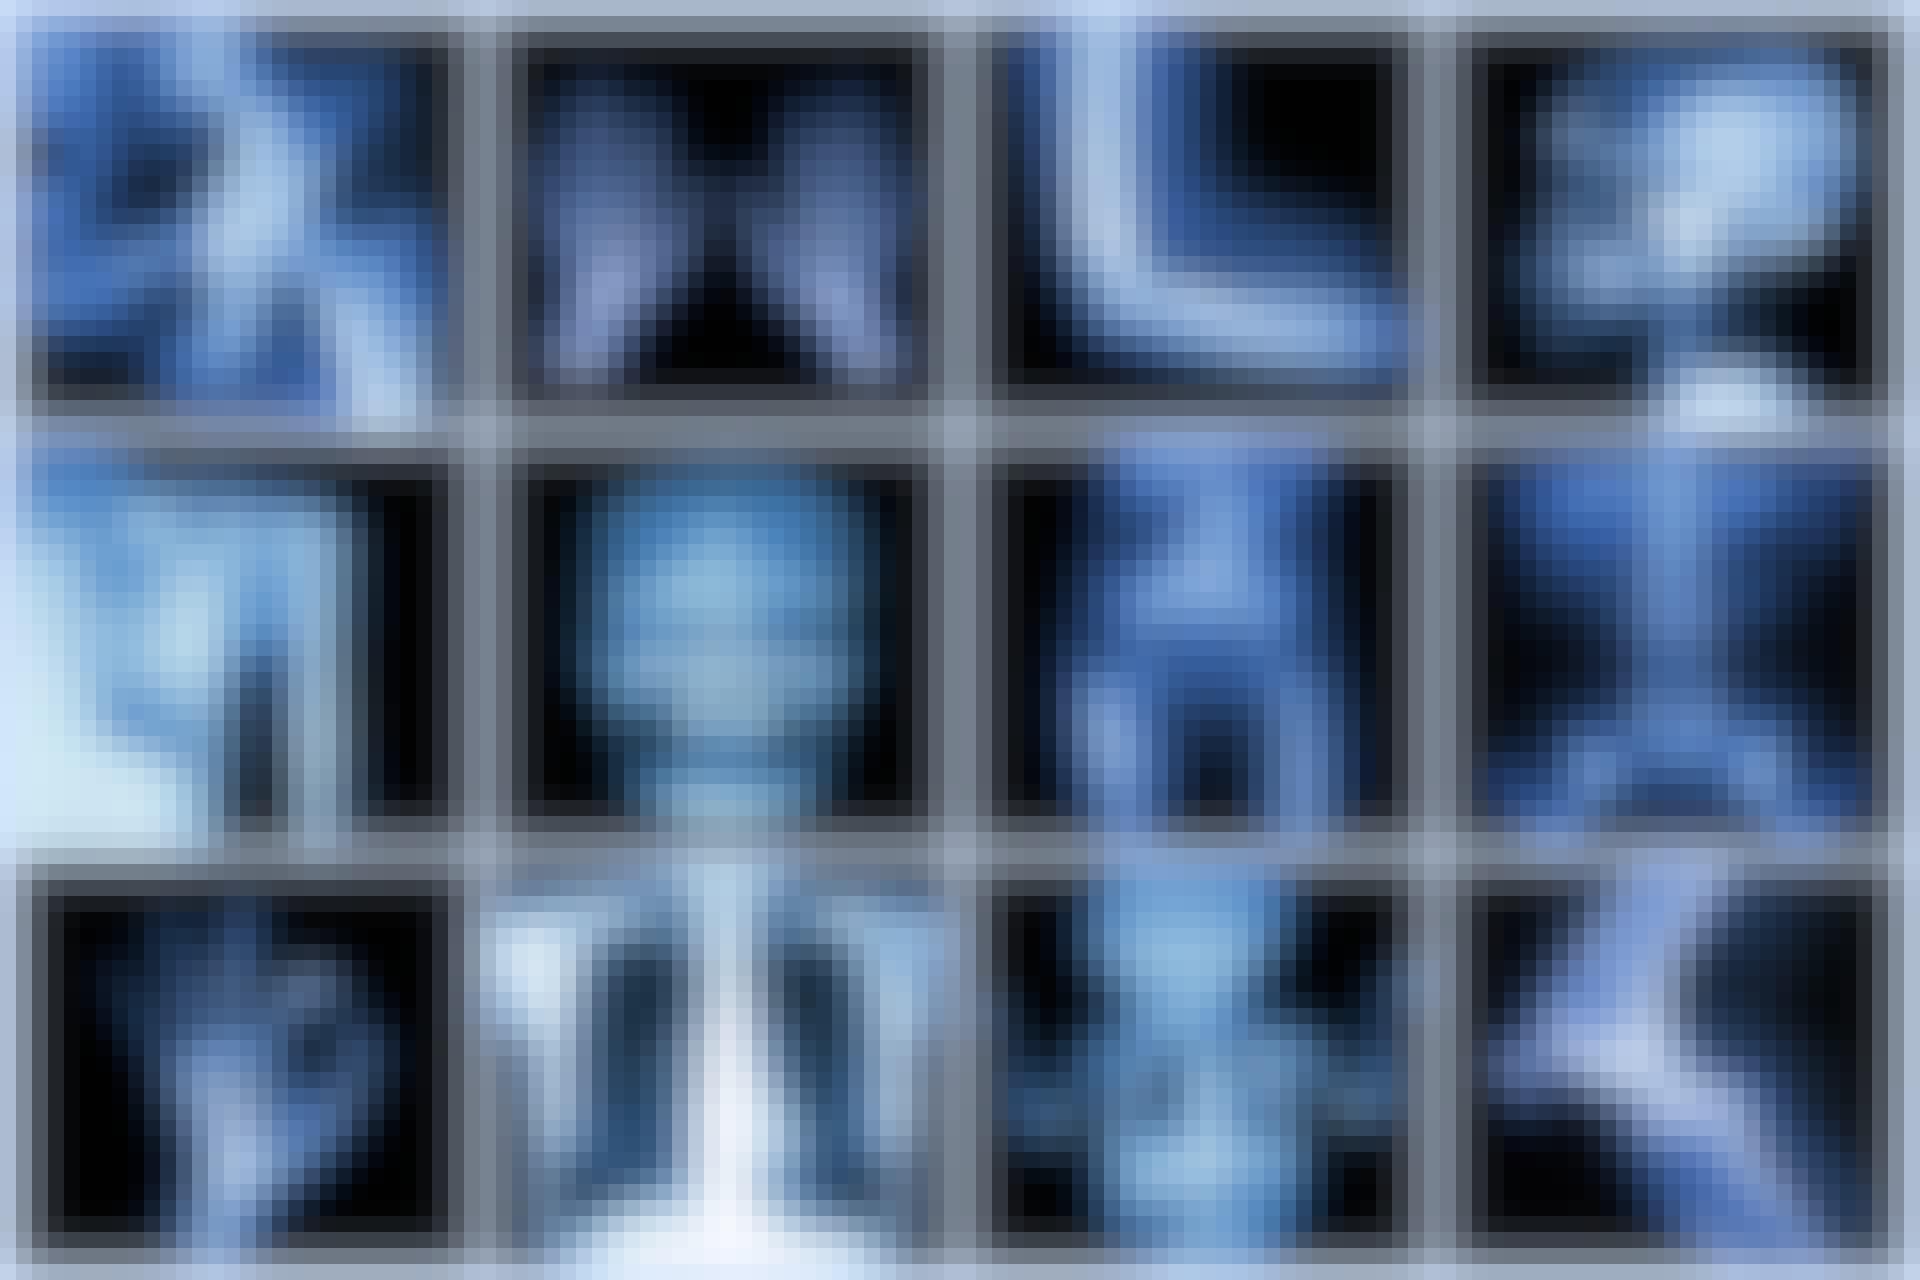 Det elektromagnetiske spektrum teaser image